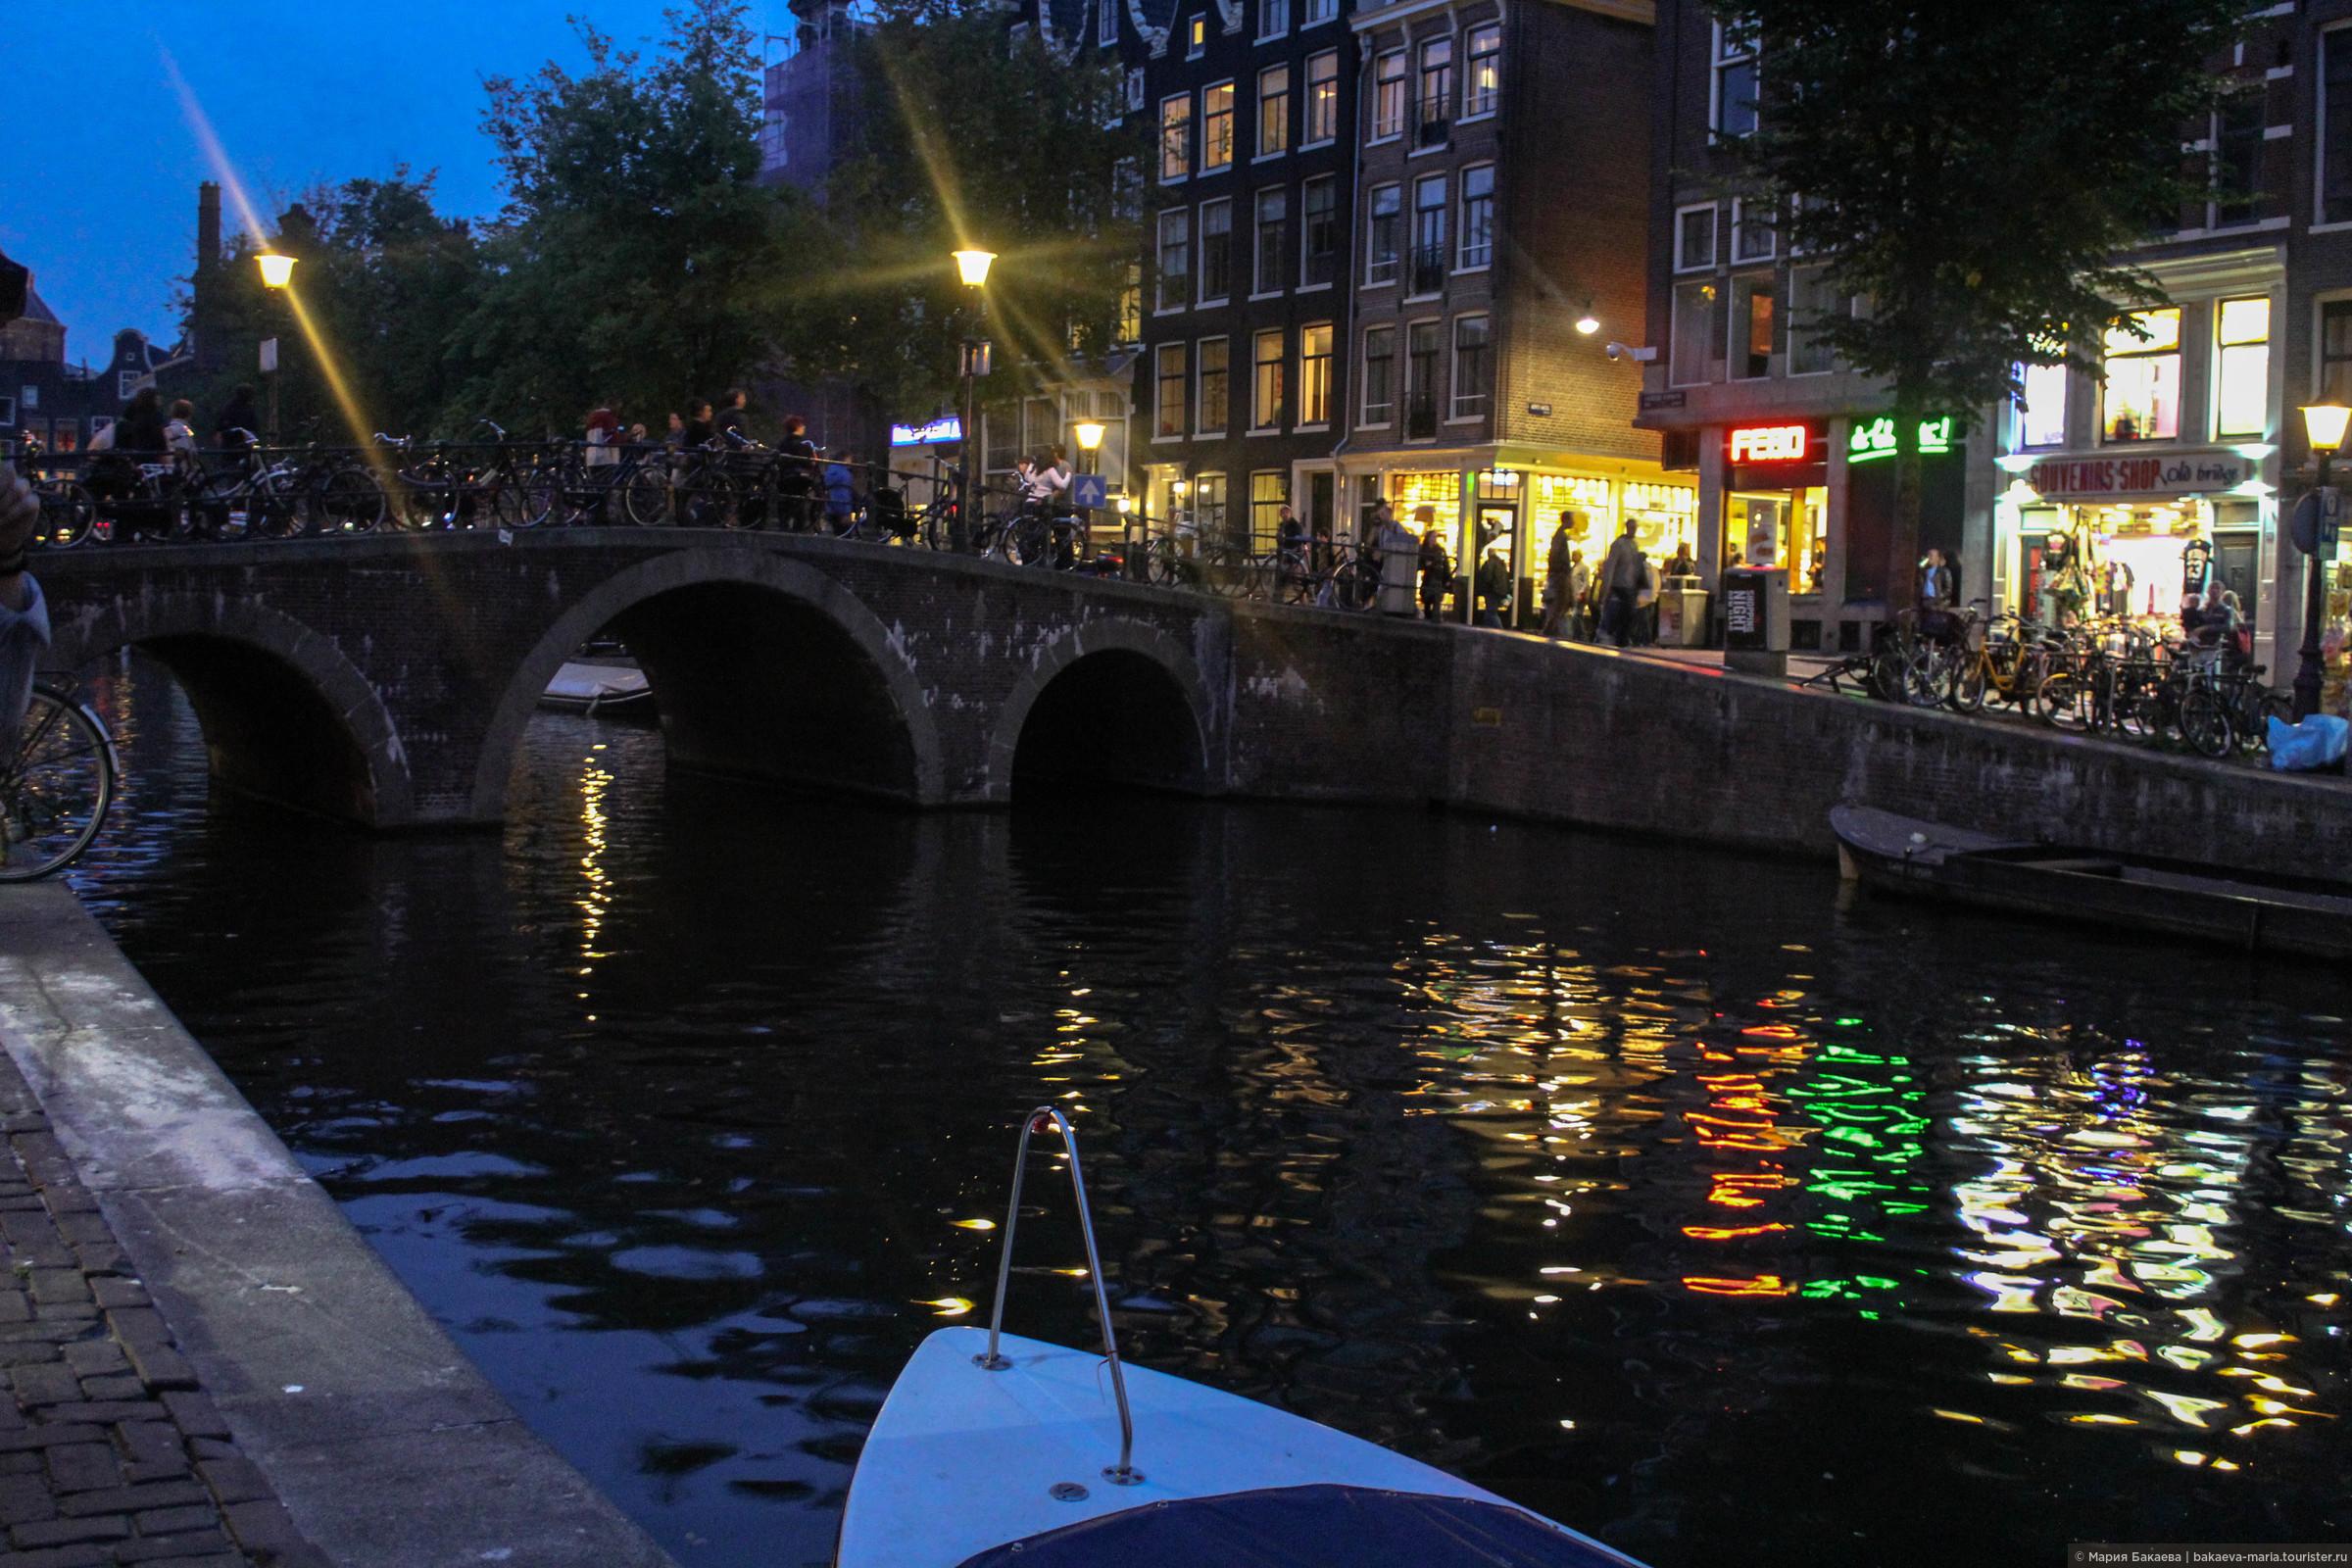 Евротрип день шестой:Галопом по Амстердаму.